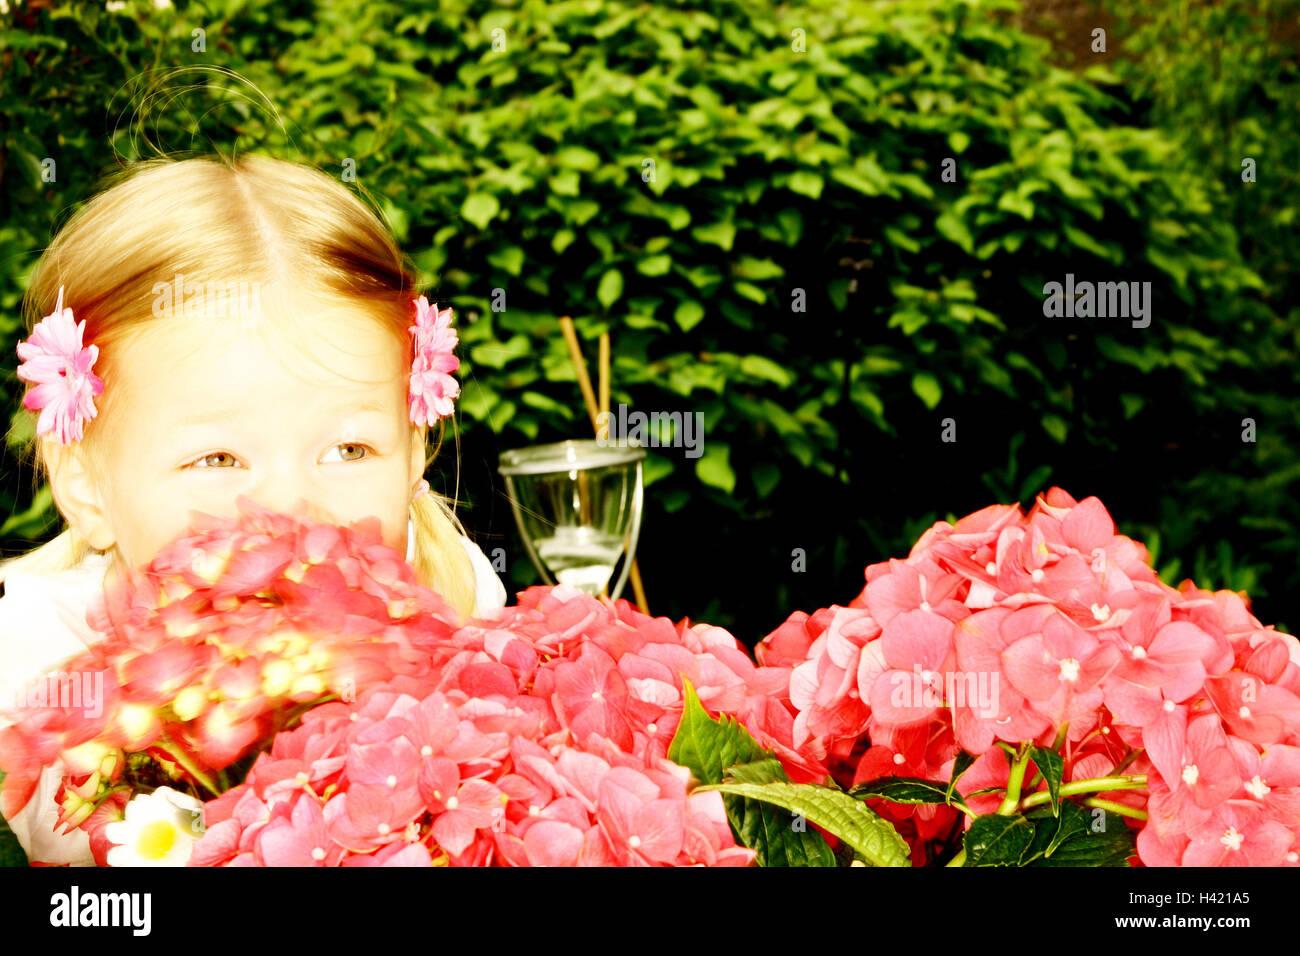 Garten Madchen Lacheln Geniessen Sie Haare Bluten Hortensie